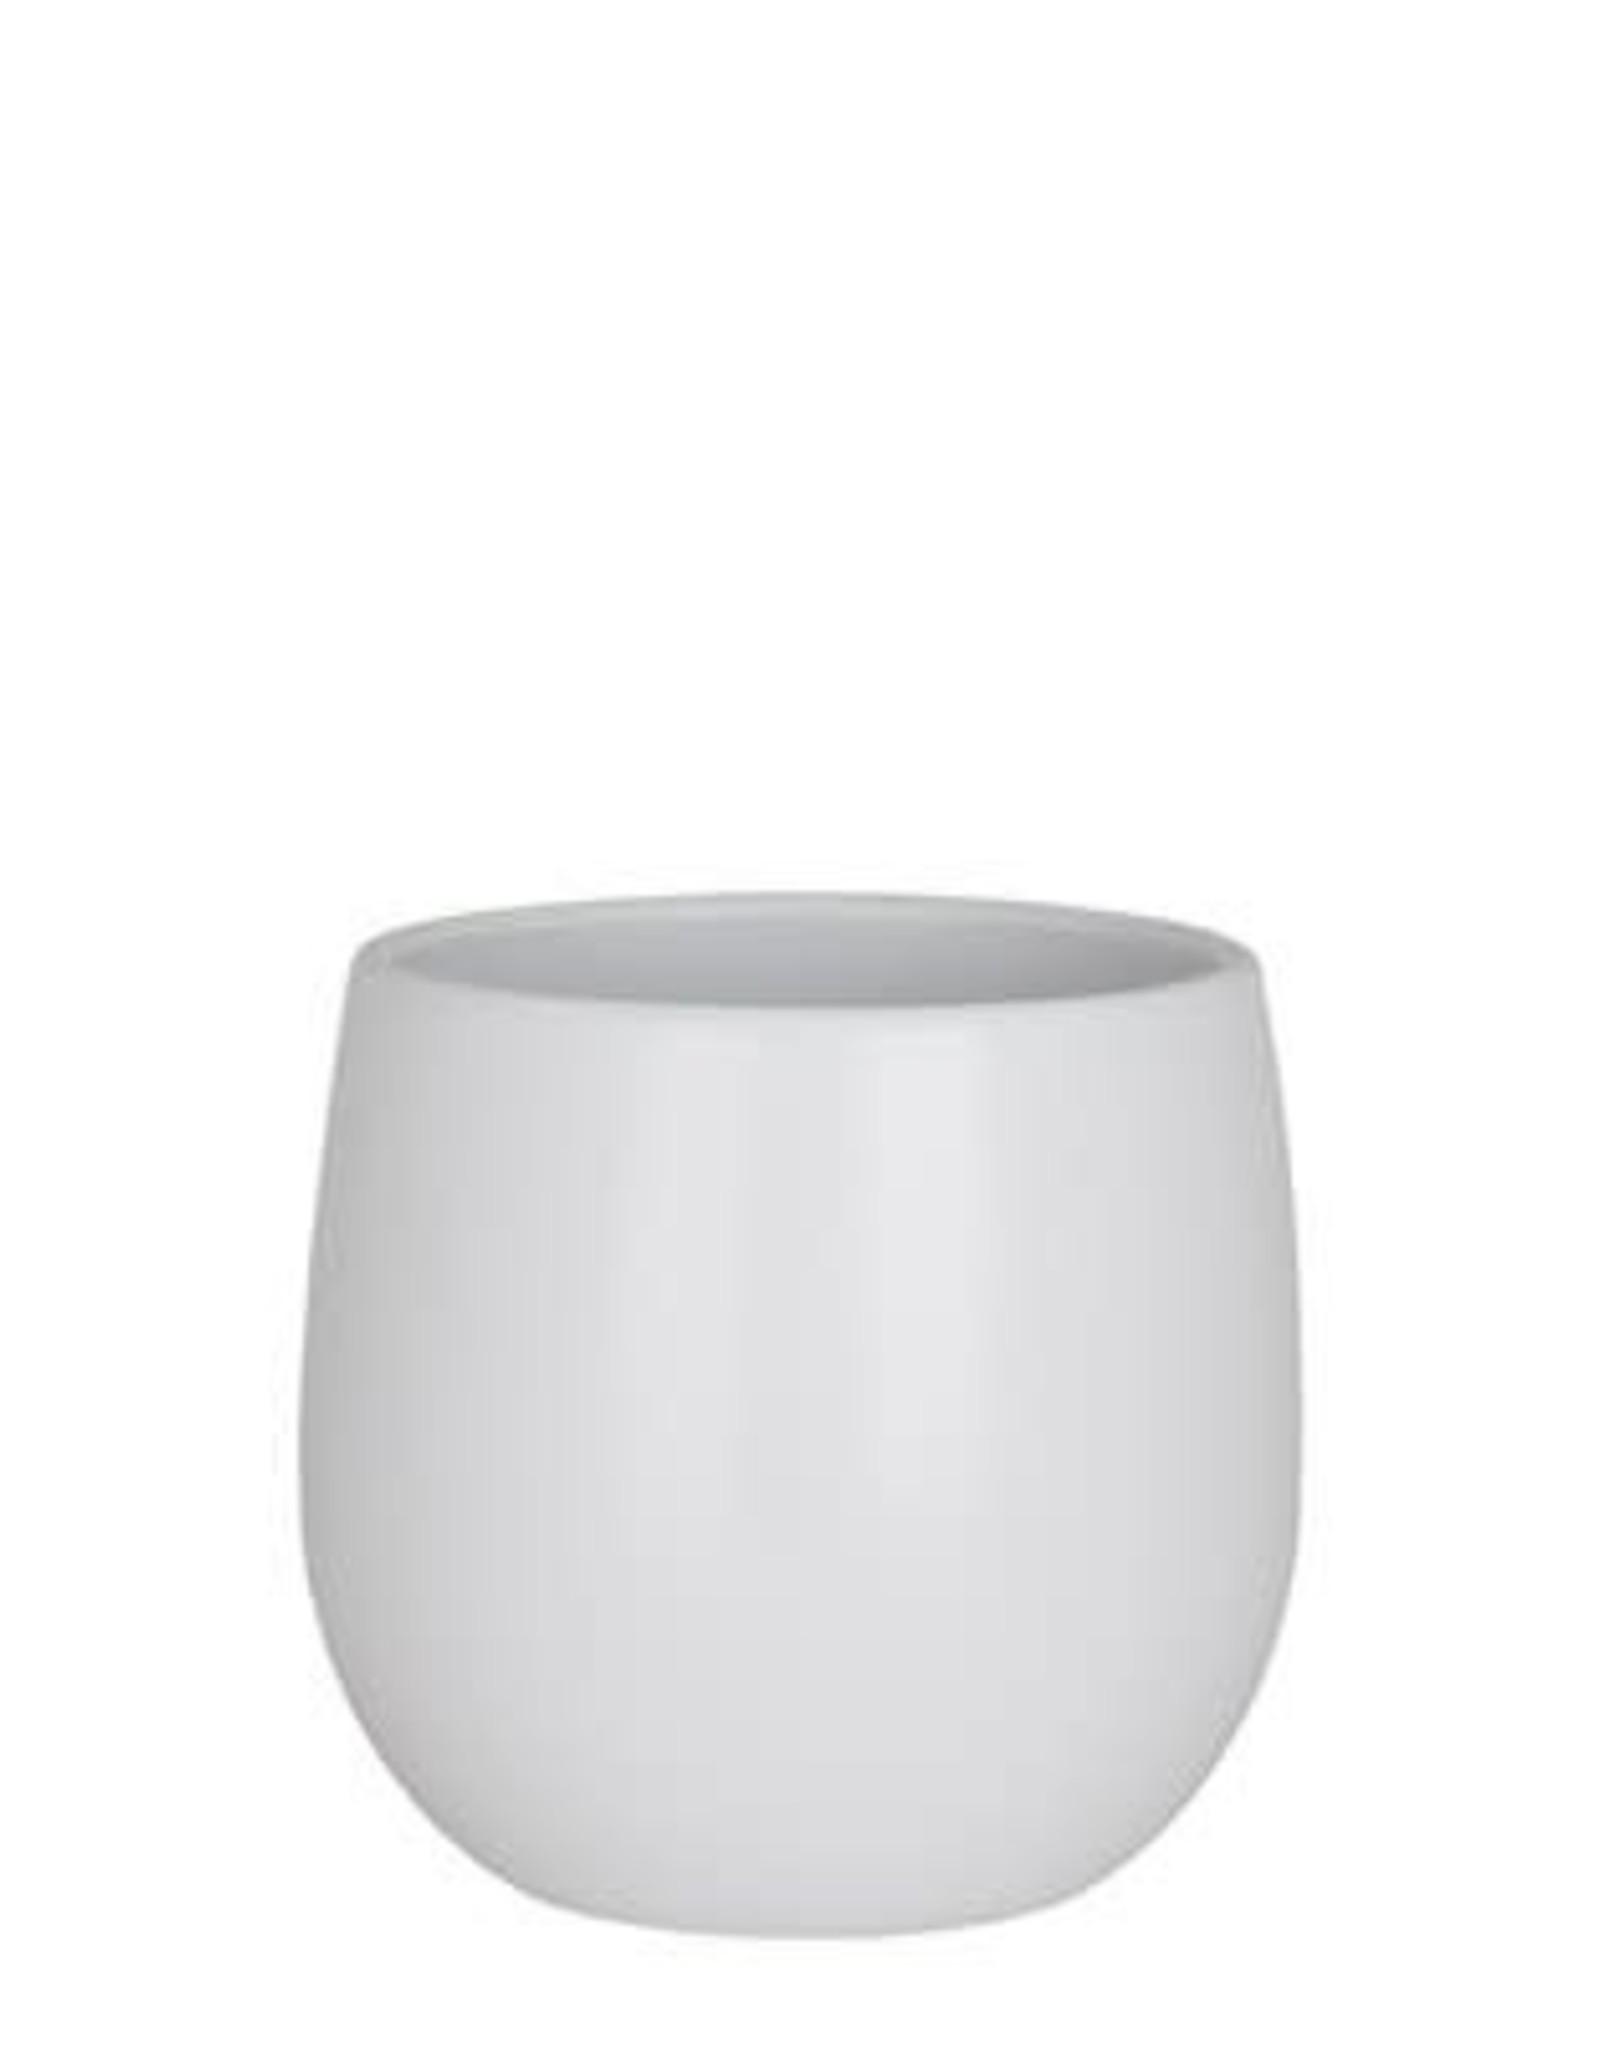 Vitoria Pot White - 11 cm